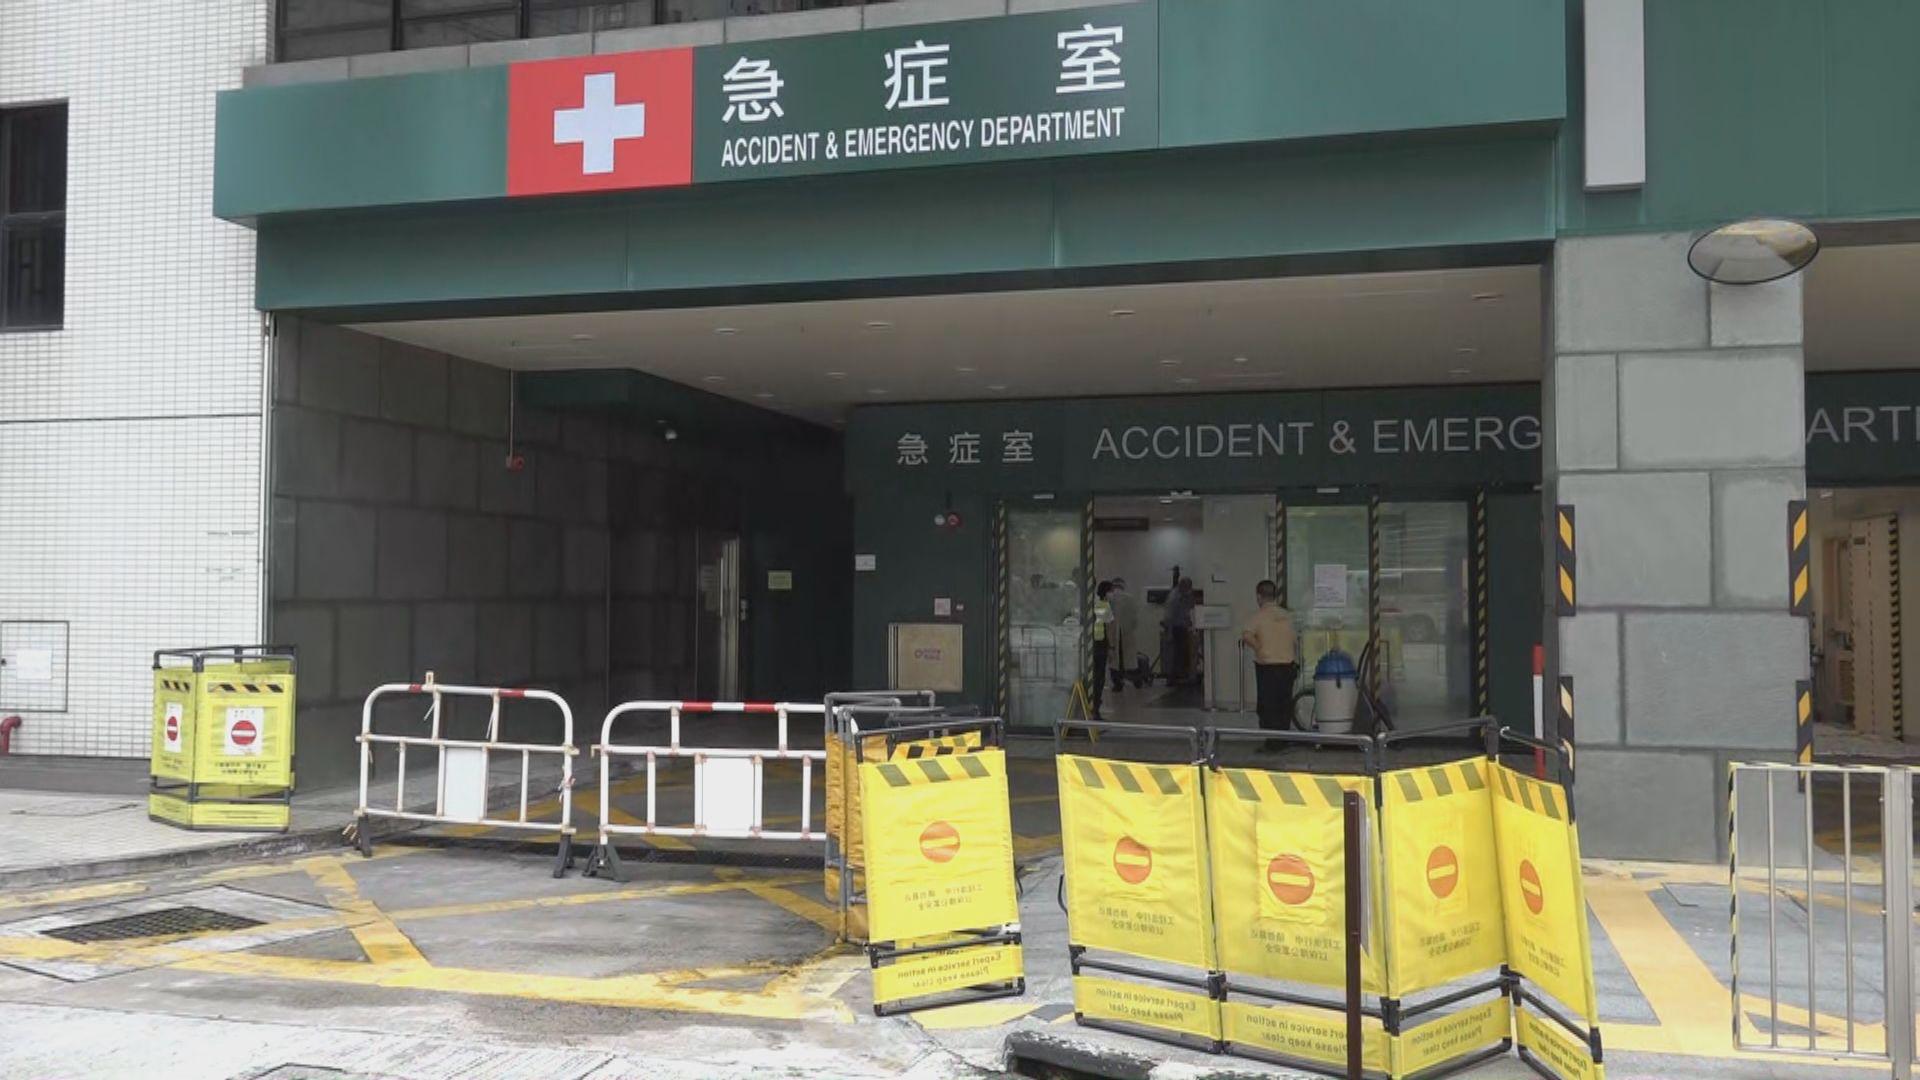 明愛醫院急症室因水浸只維持有限度服務